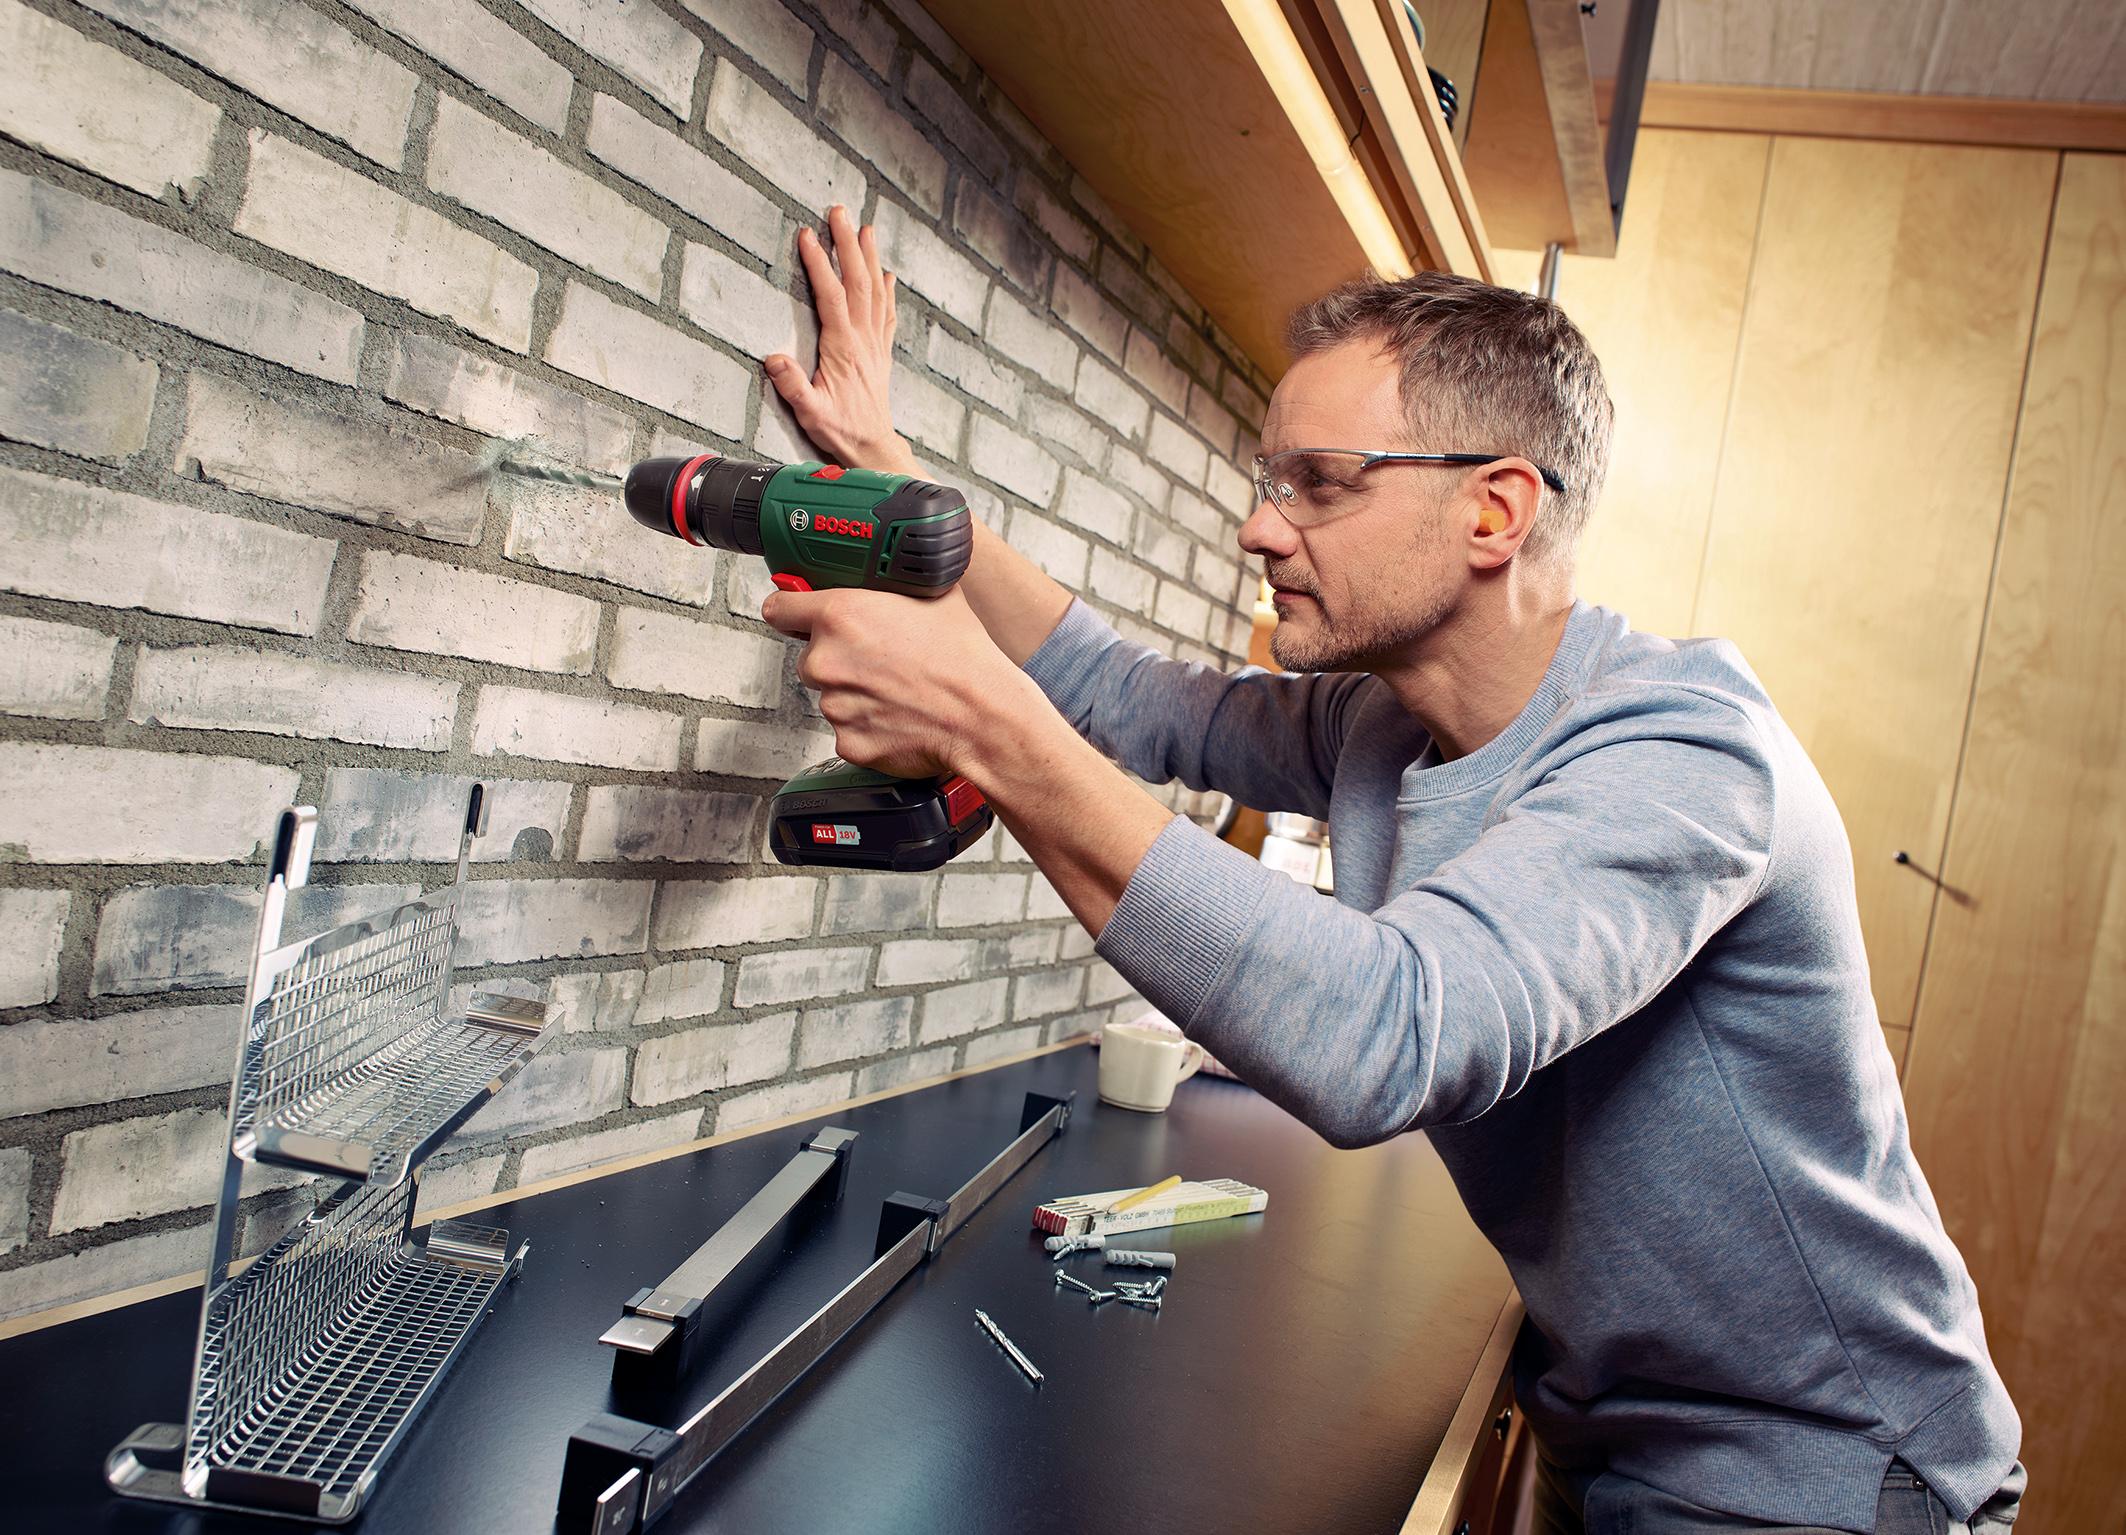 Akku-Schlagbohrschrauber-System für Heimwerker: AdvancedImpact 18 QuickSnap von Bosch mit Bohrfutteraufsatz